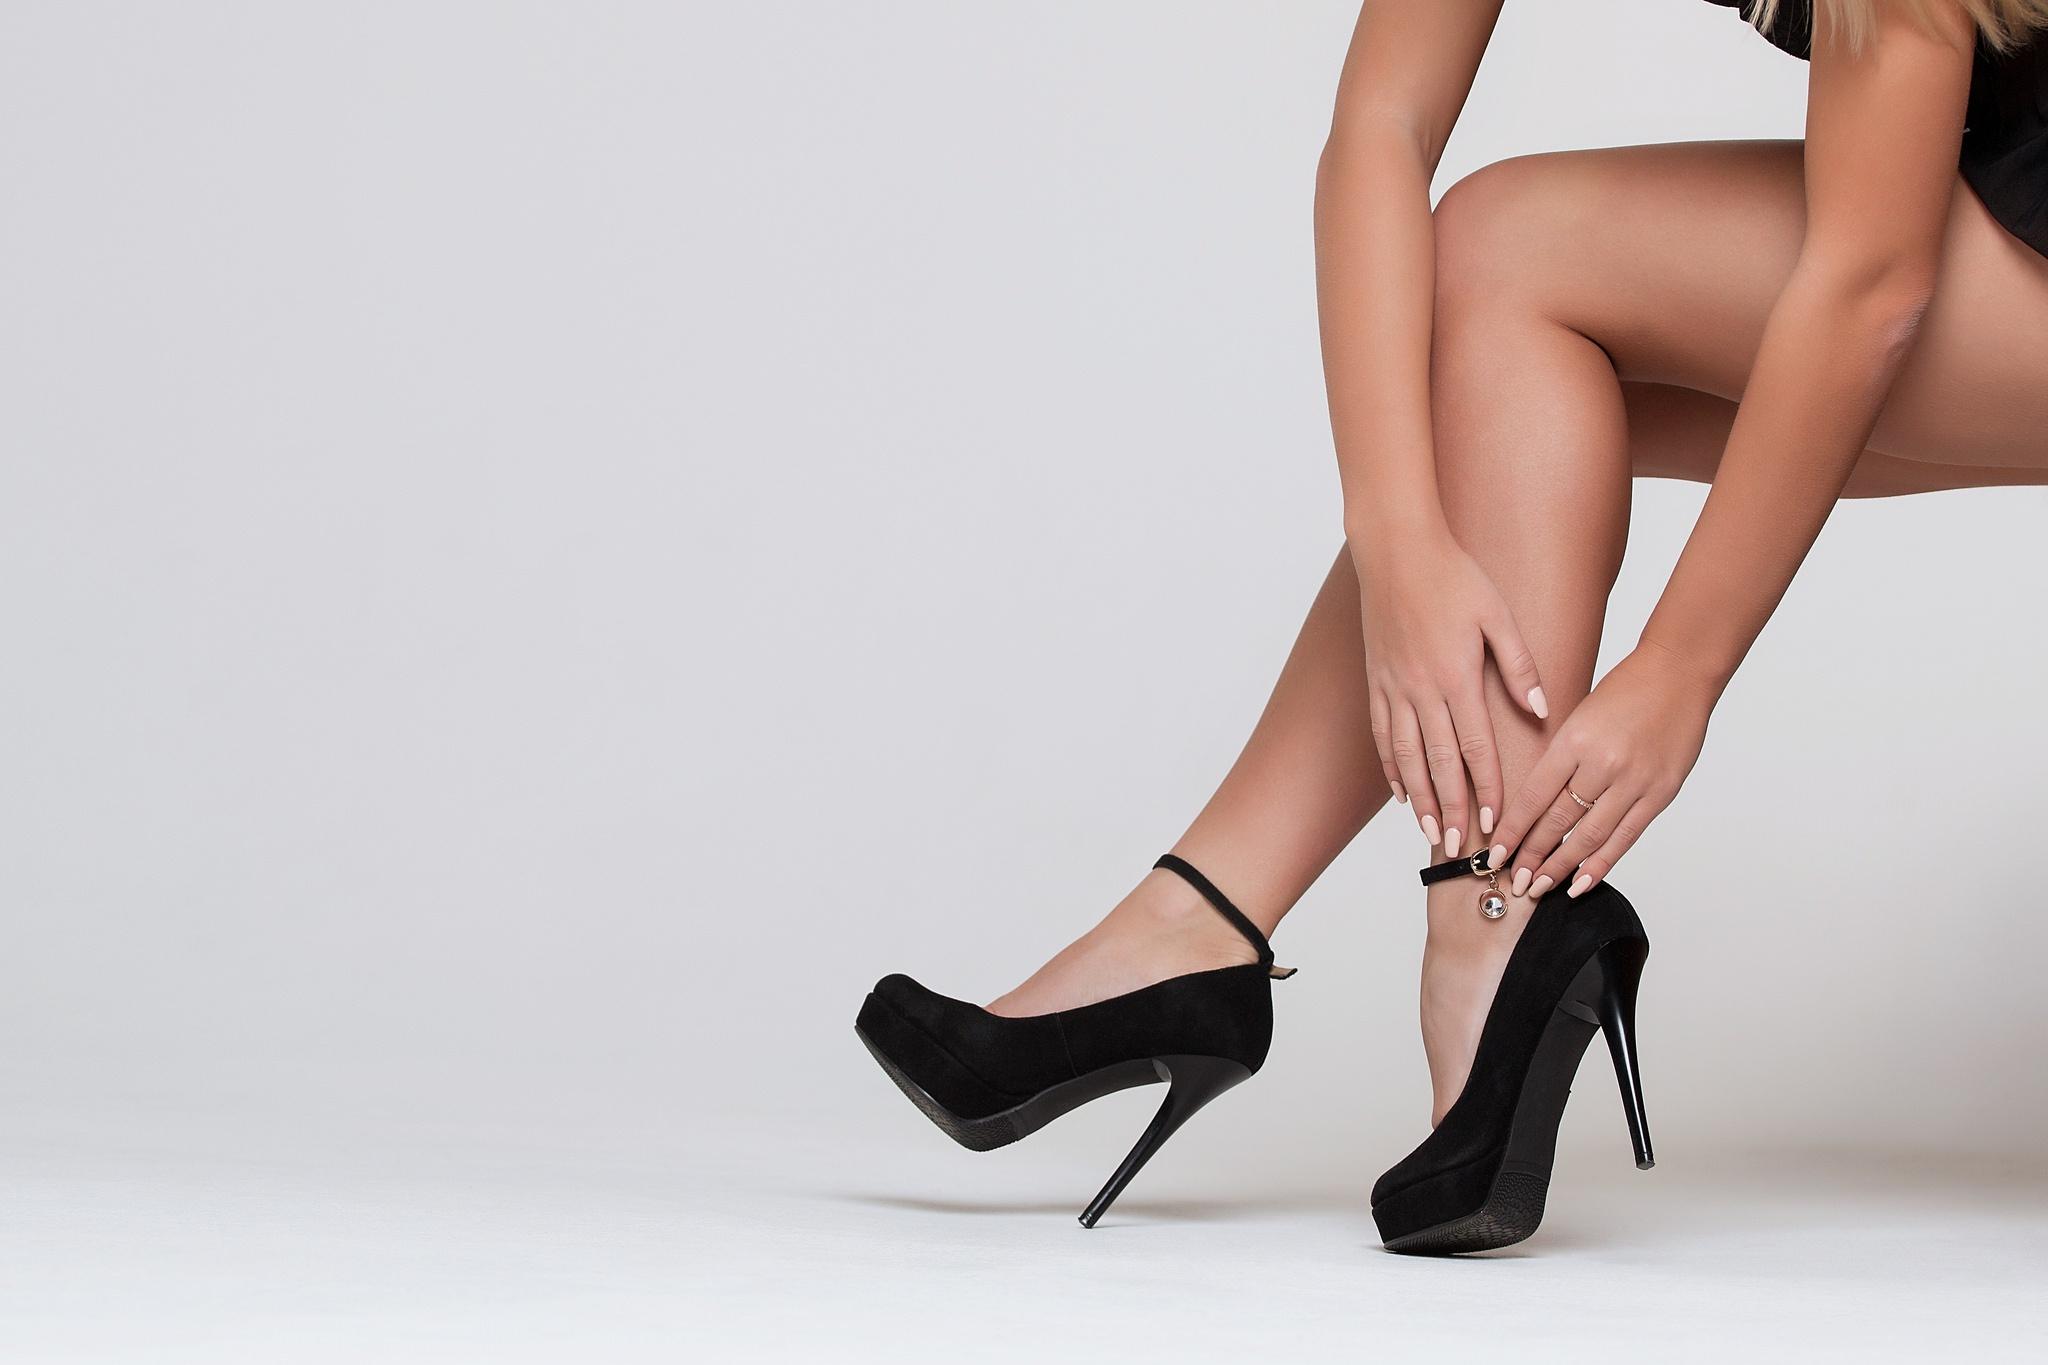 картинки ноги на высоком каблуке густая кукурузная